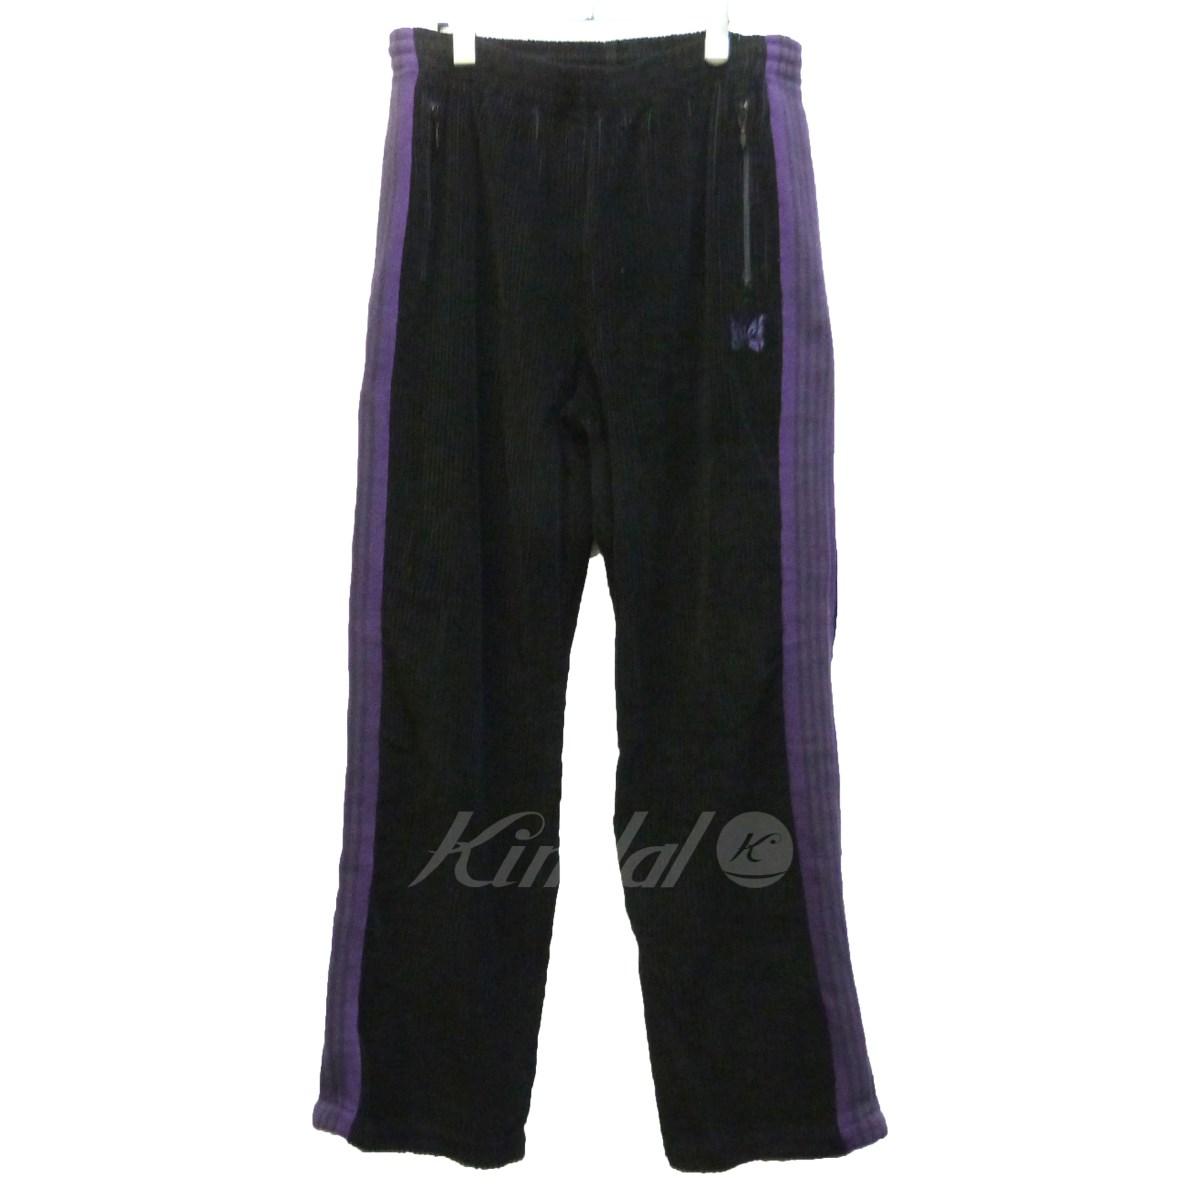 【中古】Needles FREA'KS STORE別注 17AW 「Track Pants 6W Corduroy」 ブラック×パープル サイズ:M 【送料無料】 【080218】(ニードルス)